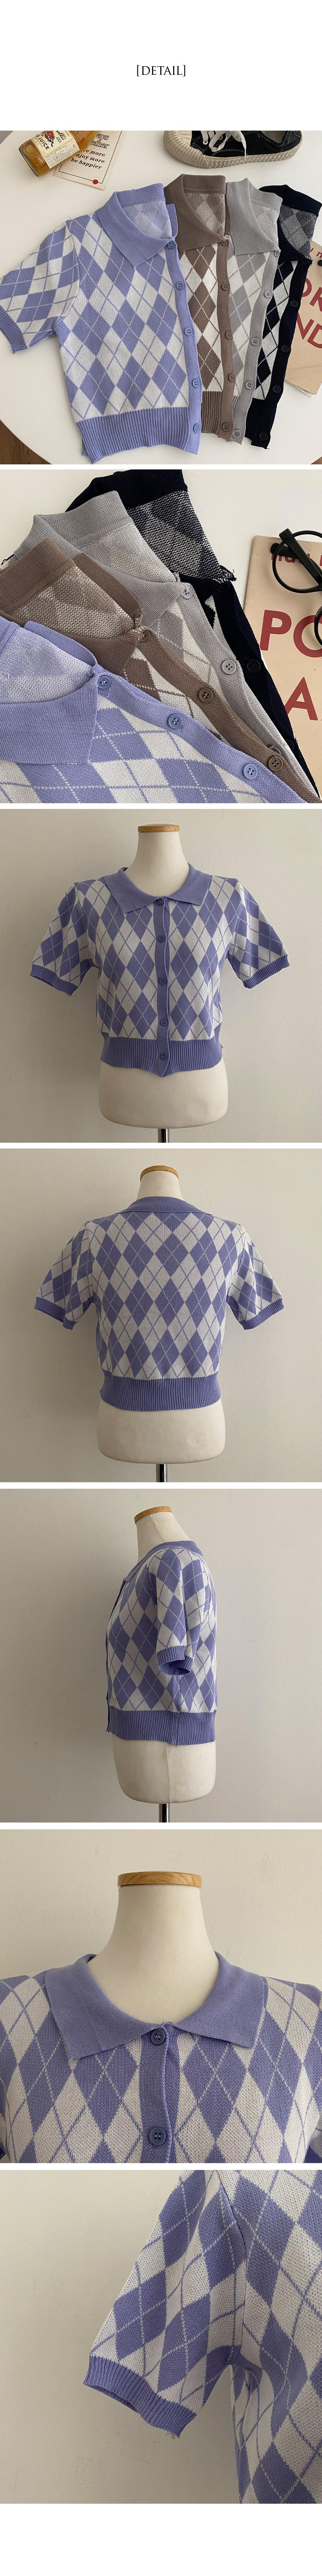 Ronnie Argyle Collar Short Sleeve Knitwear